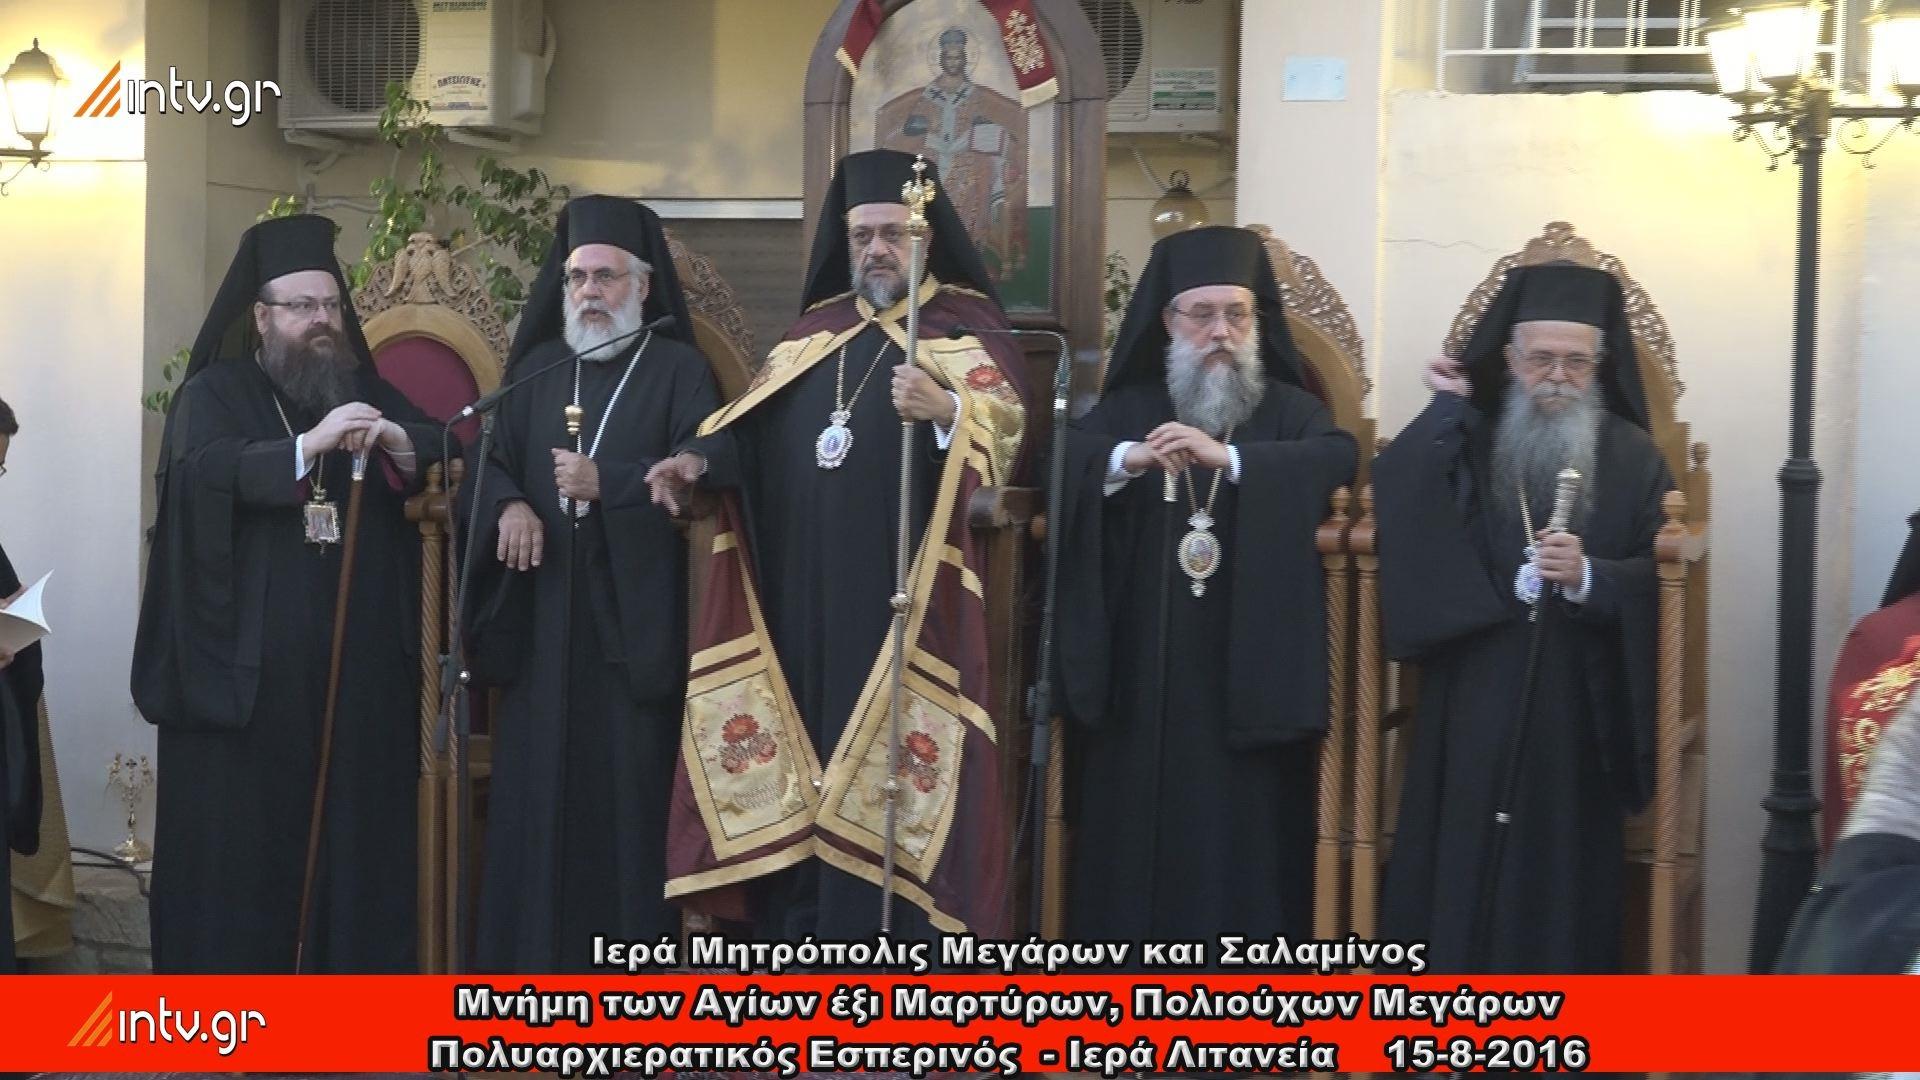 Ιερά Μητρόπολις Μεγάρων και Σαλαμίνος - Μνήμη των Αγίων έξι Μαρτύρων, Πολιούχων Μεγάρων - Πολυαρχιερατικός Εσπερινός  - Ιερά Λιτανεία